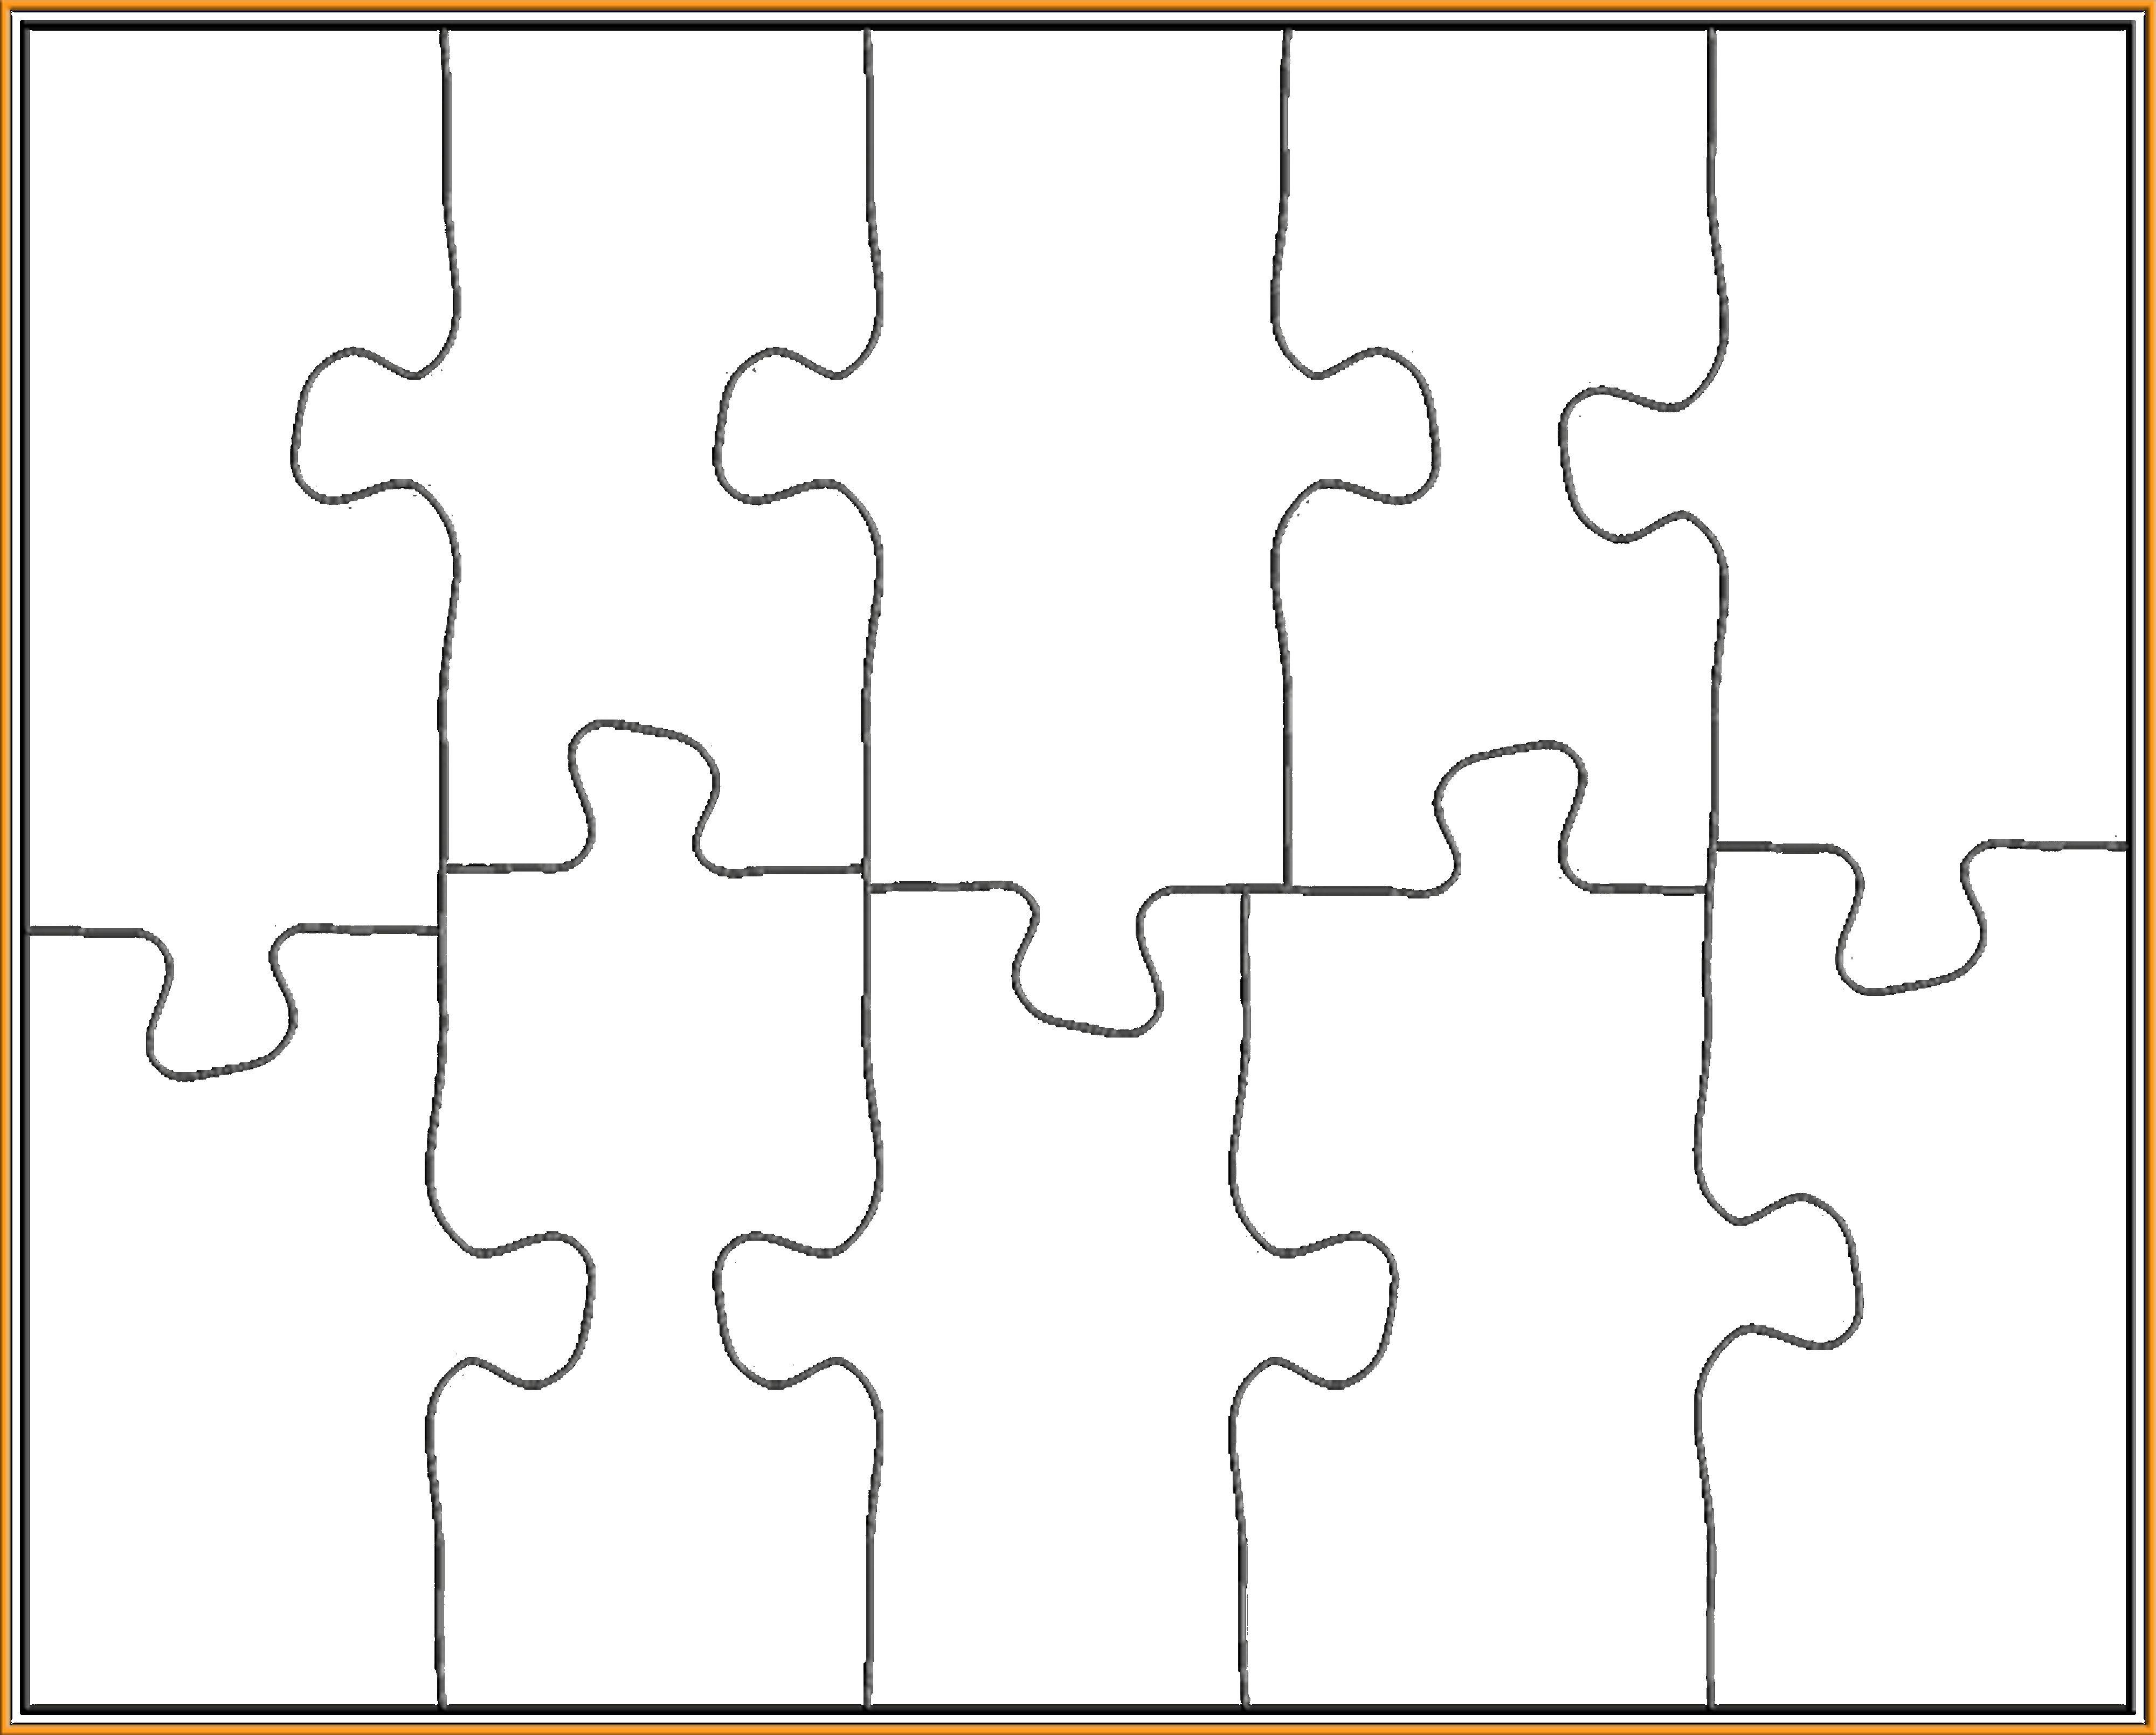 8 Piece Puzzle Template Beautiful 25 Best Ideas About Puzzle Piece Template On Pinterest Peterainsw Puzzle Piece Template Puzzle Piece Crafts Puzzle Template